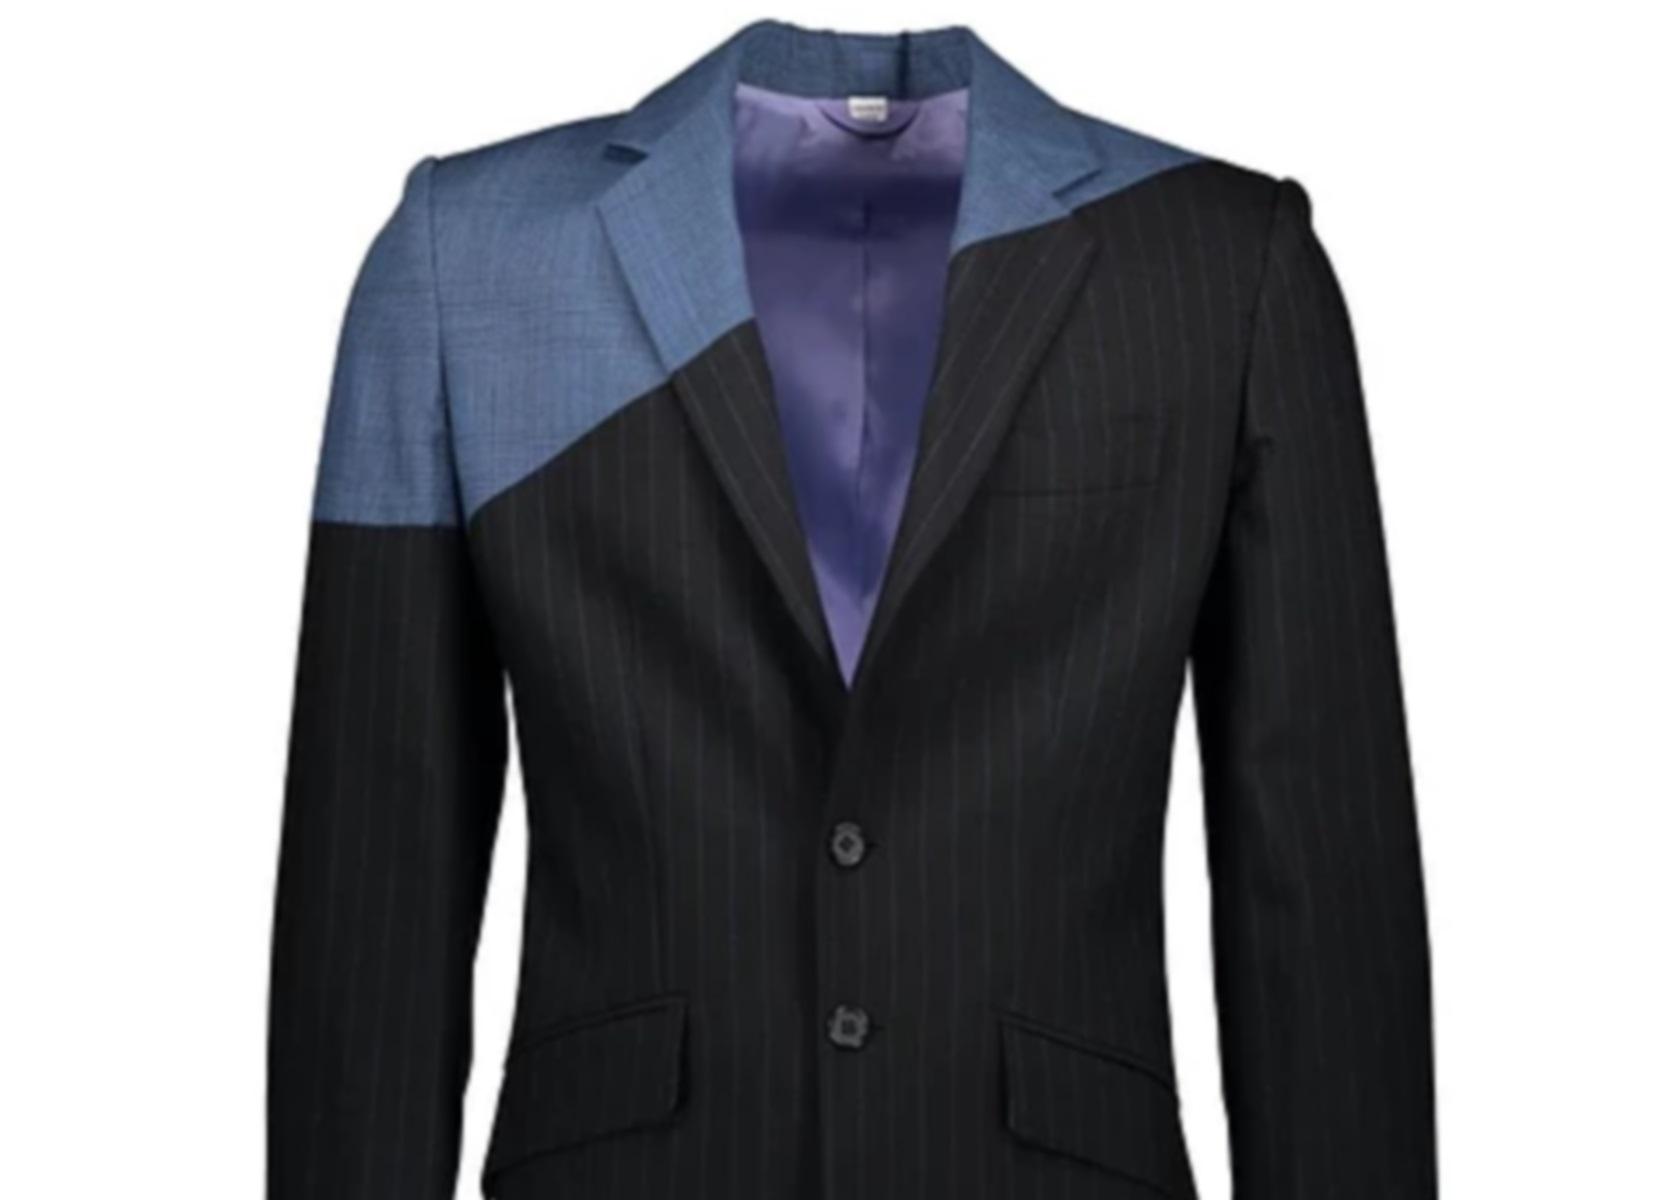 """Κορονοϊός: Καλοκαίρι με πτώση τζίρου έως και 80%! """"Μαύρες"""" προβλέψεις από εταιρείες ρούχων"""